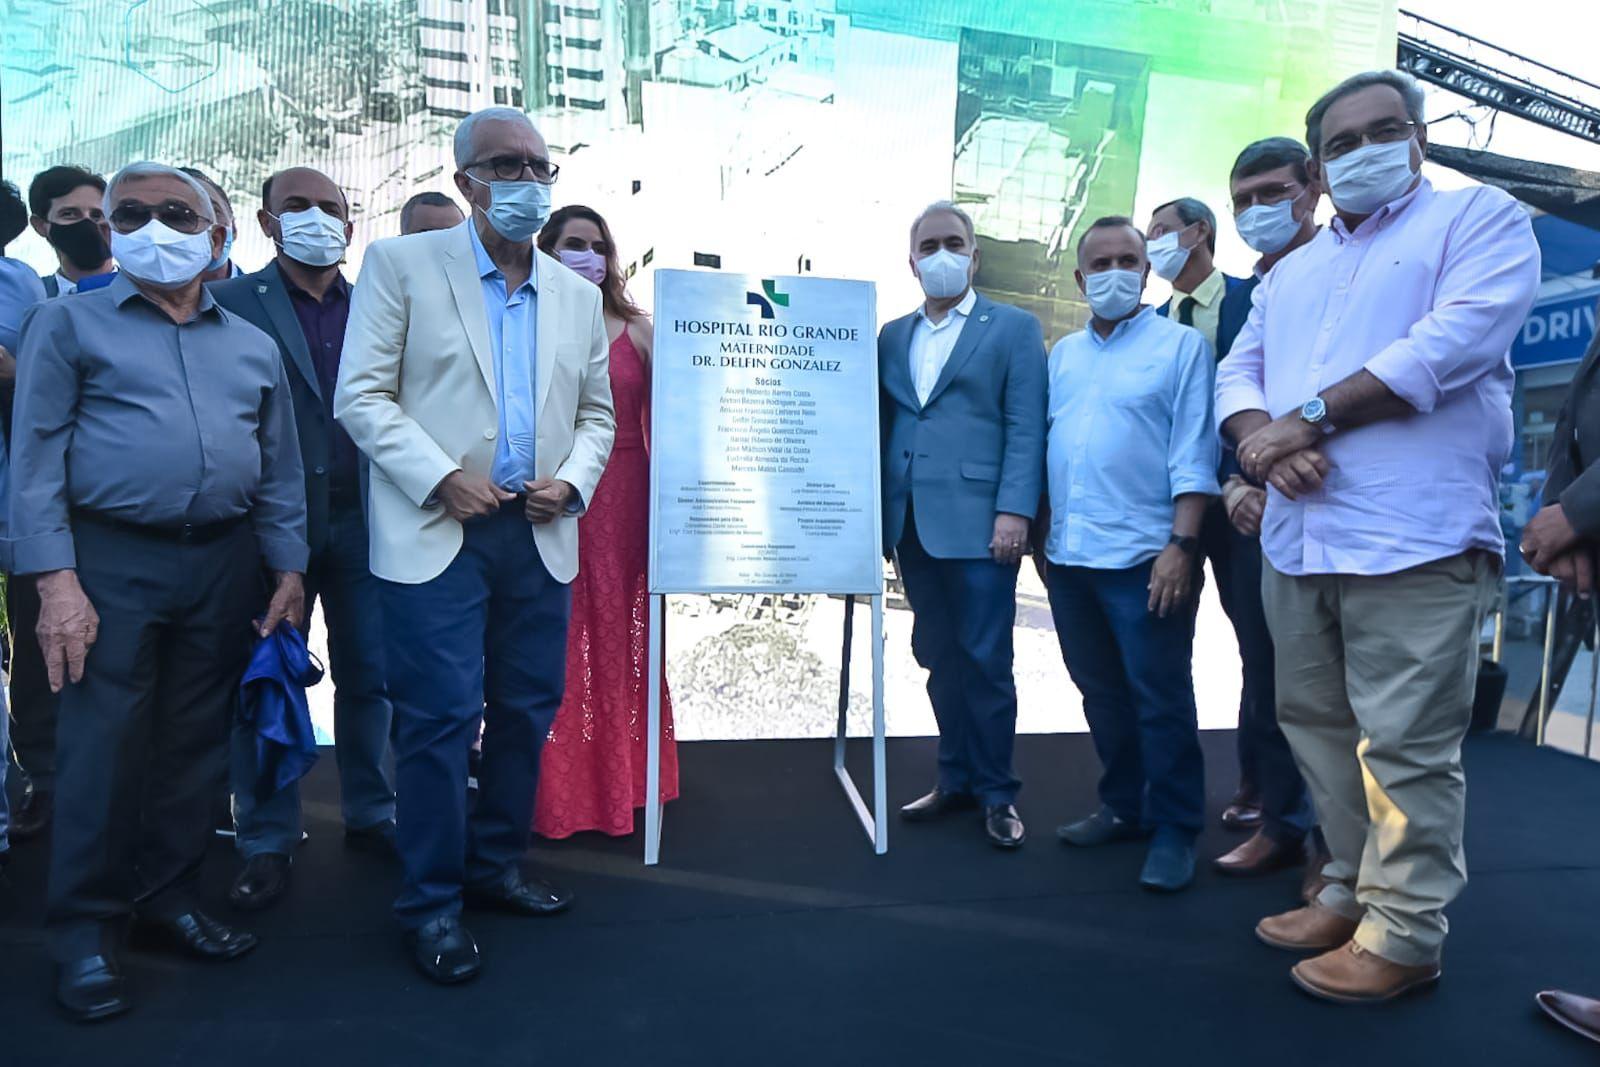 Ministro da Saúde e prefeito de Natal na inauguração da nova maternidade do RN